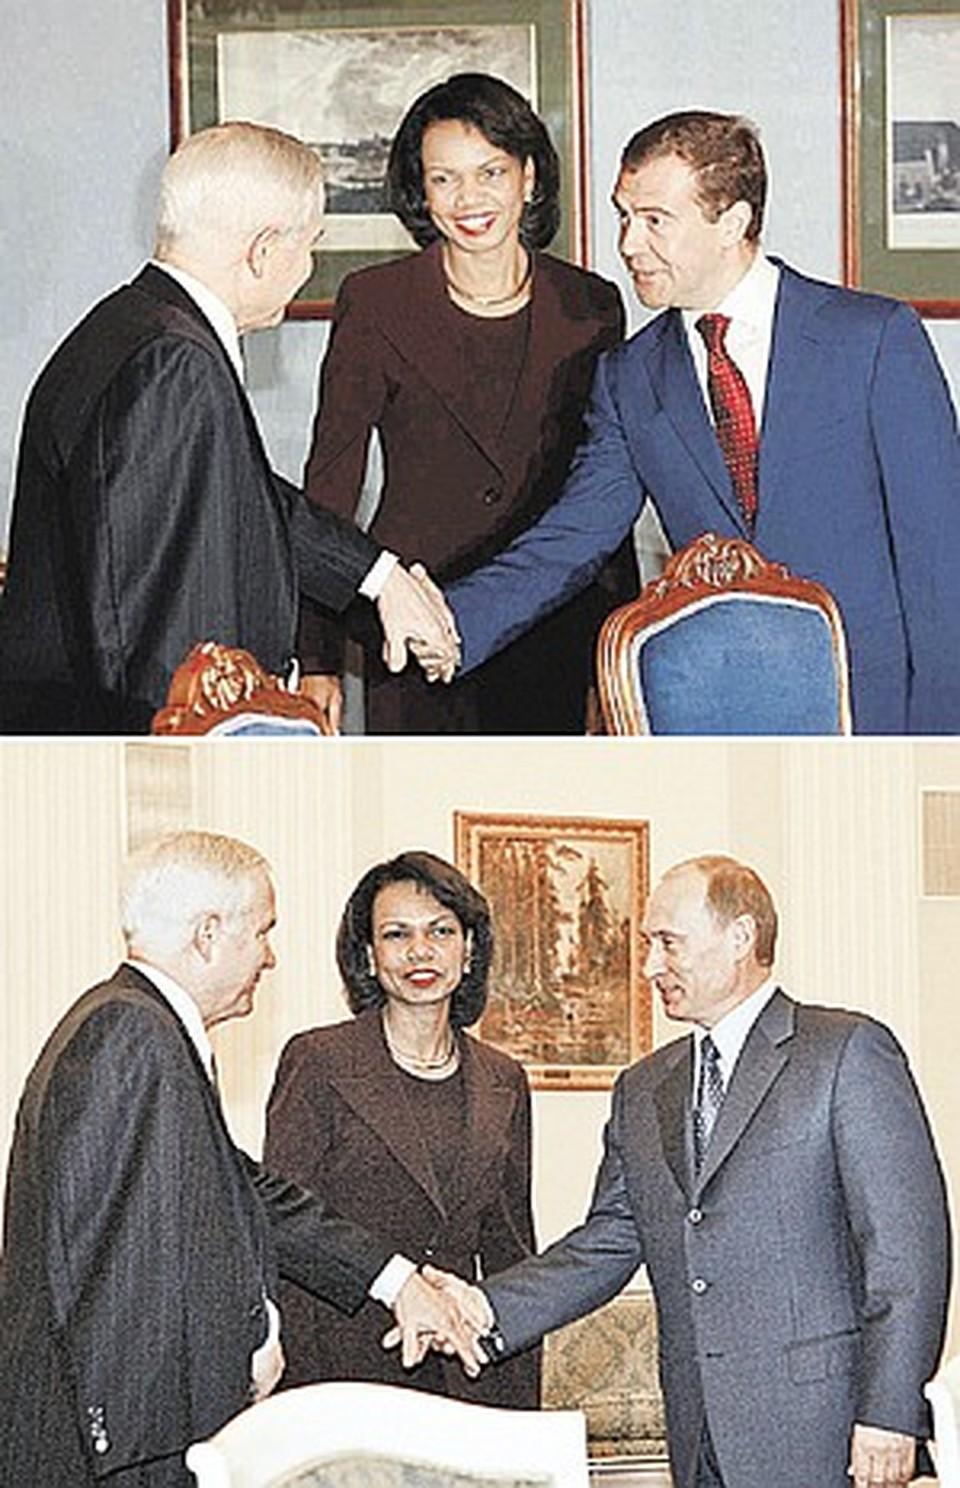 Сначала Кондолиза Райс и Роберт Гейтс встретились с Дмитрием Медведевым, а через пару часов - с Владимиром Путиным. И с новоизбранным Президентом России, и с действующим Гейтс здоровался левой рукой, так как правая была в гипсе.